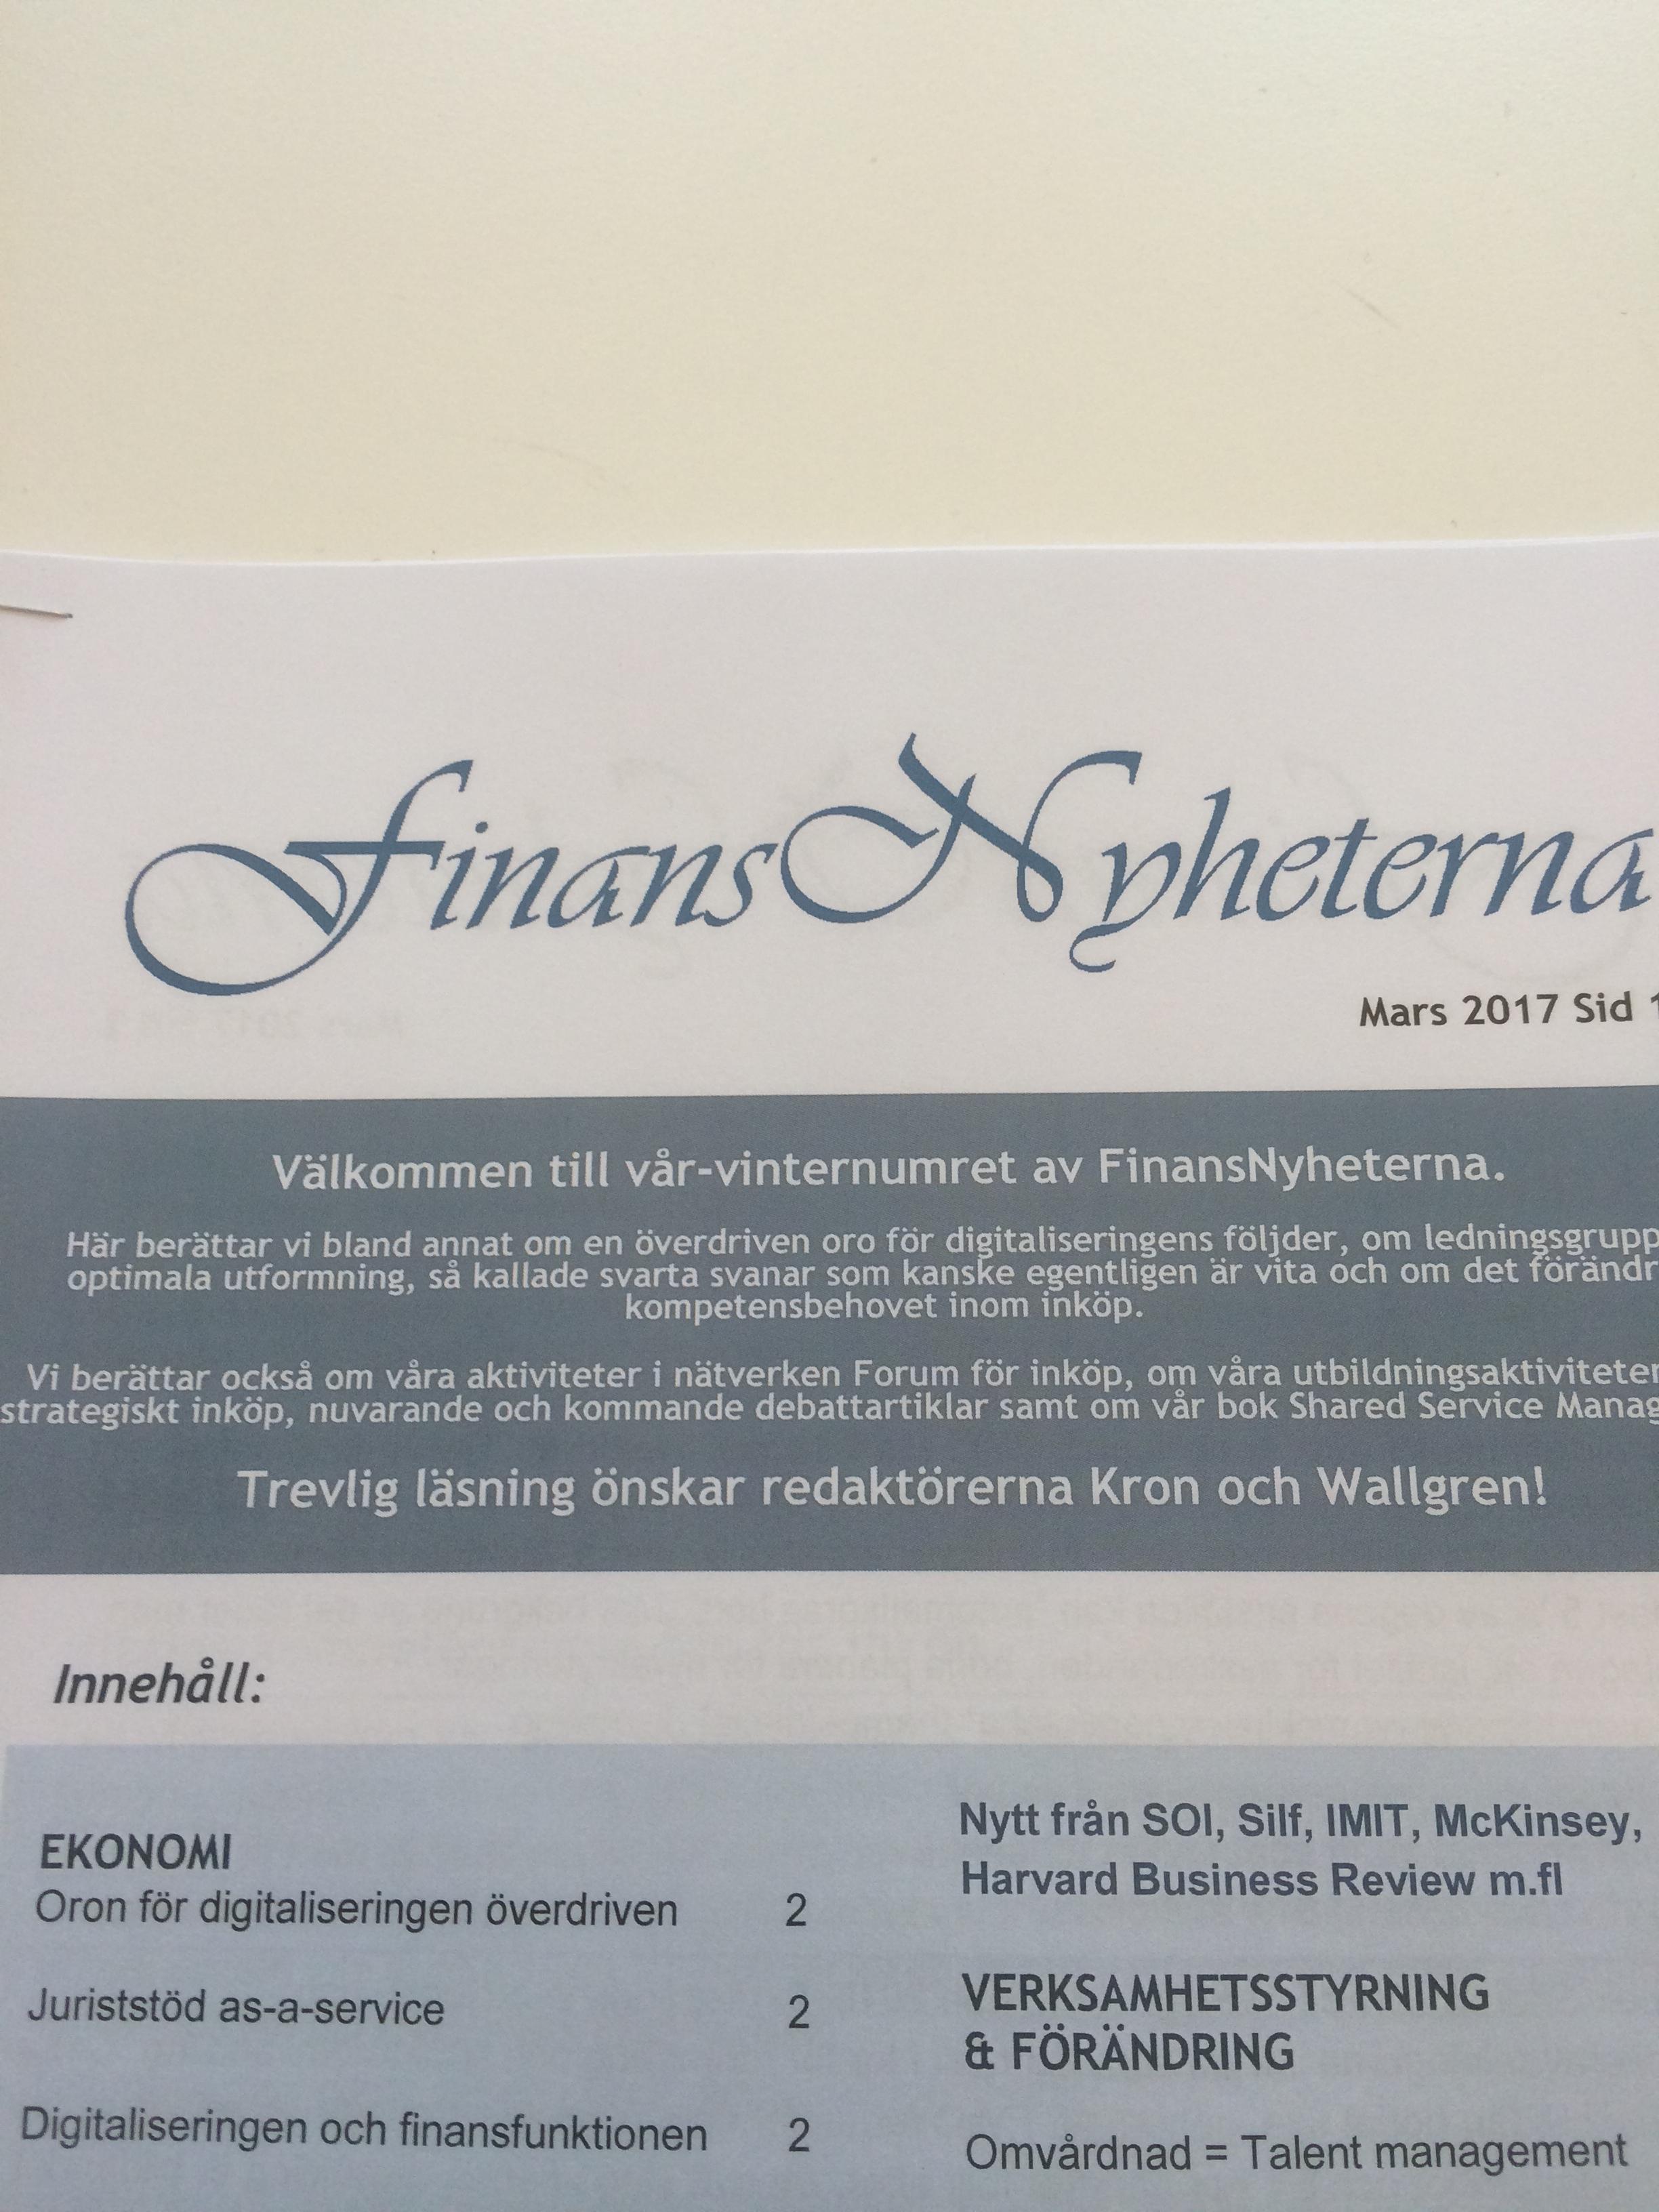 FinansNyheternas marsnummer